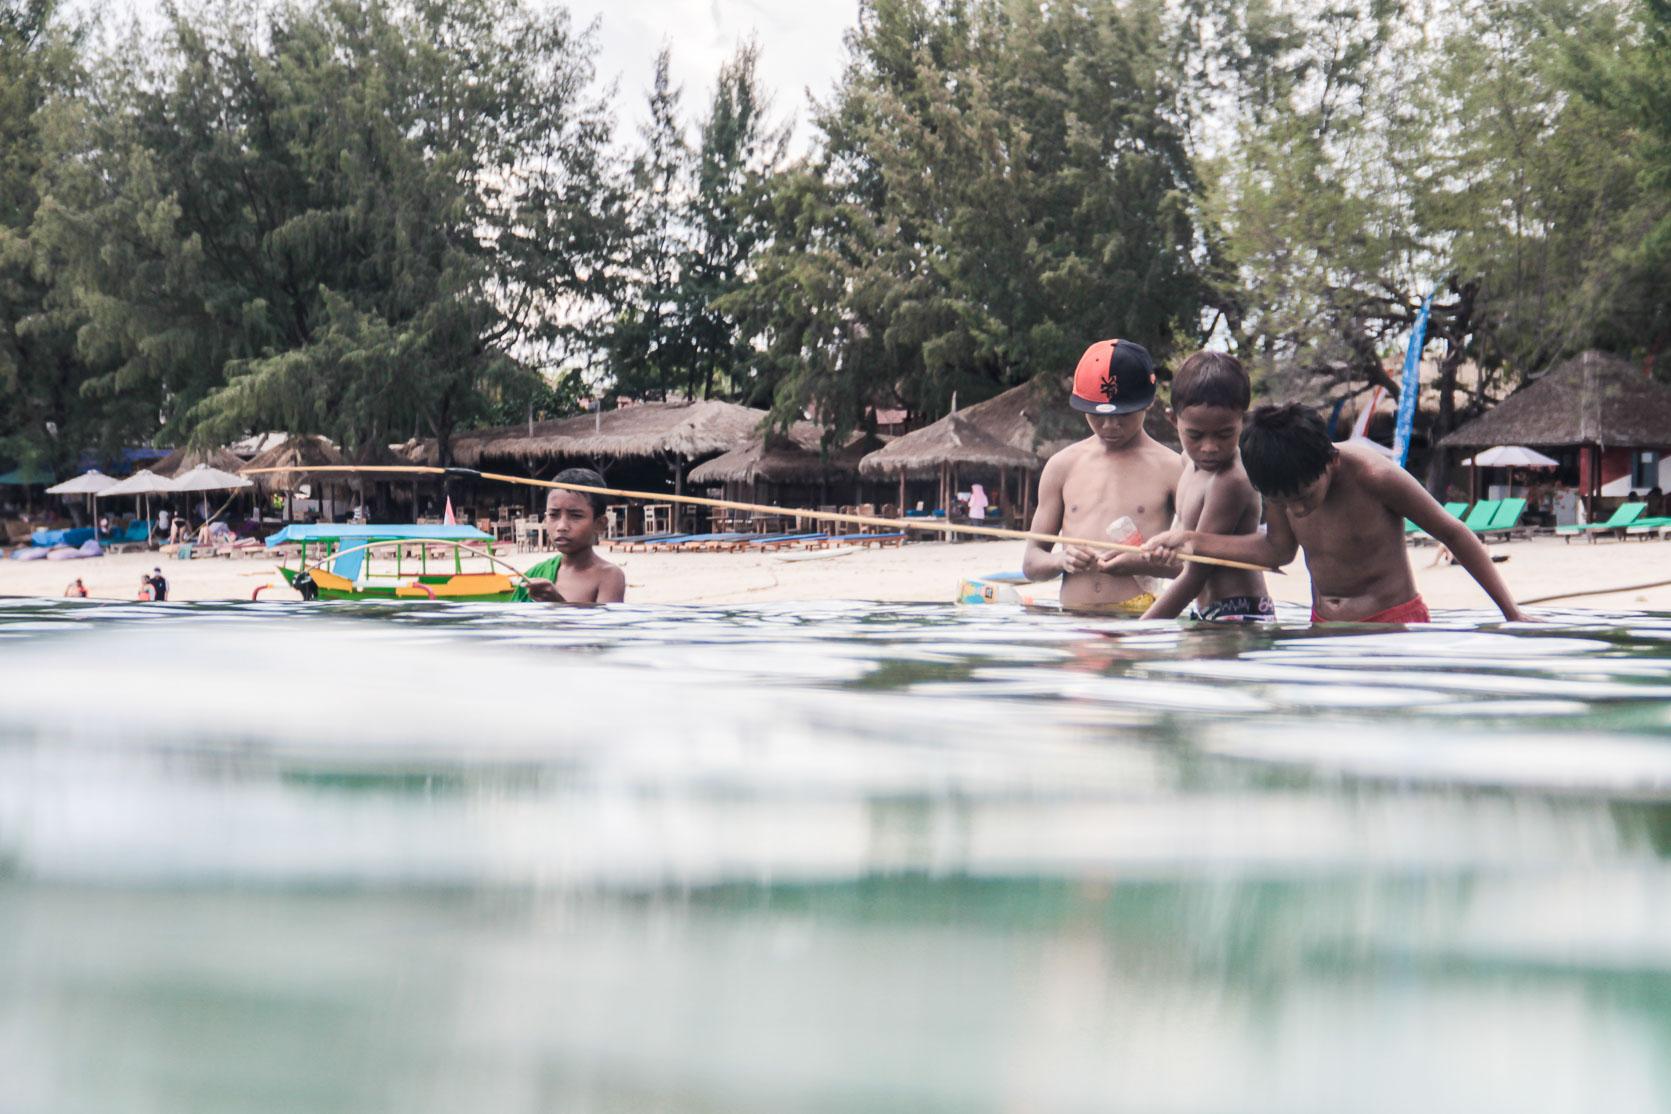 Des enfants jouent dans l'eau à Gili trawangan